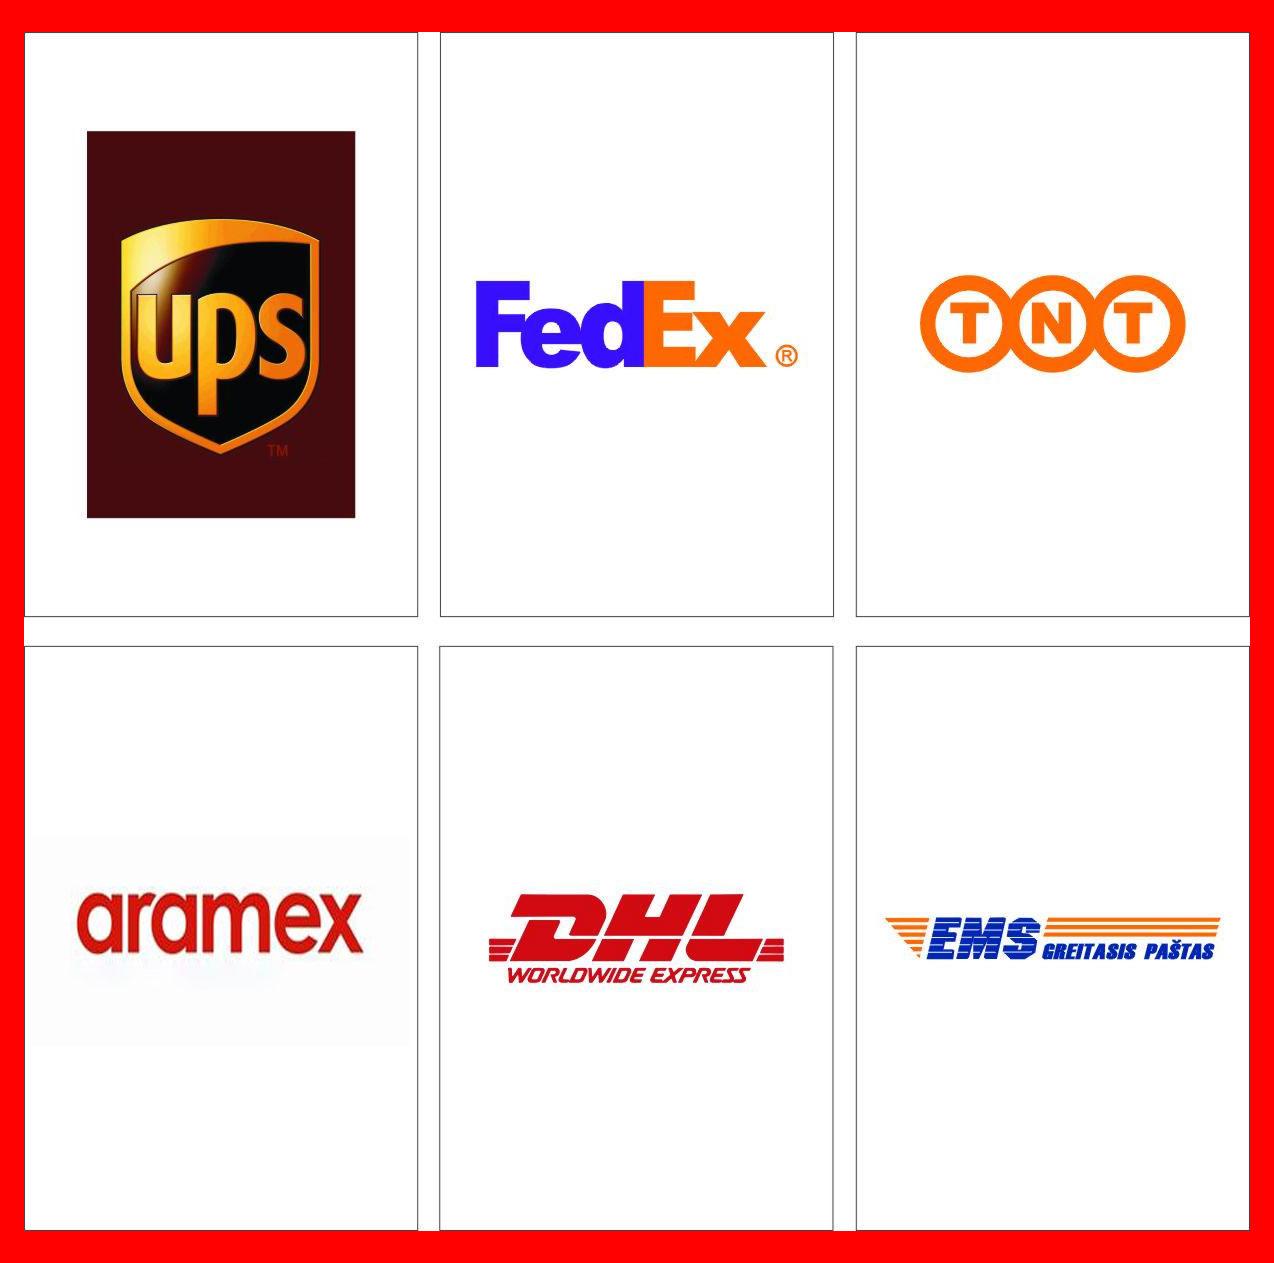 E-Commerce Met Air Cargo Schip Uit Hefei Logistiek Drop Shipping Expediteur Aan Global